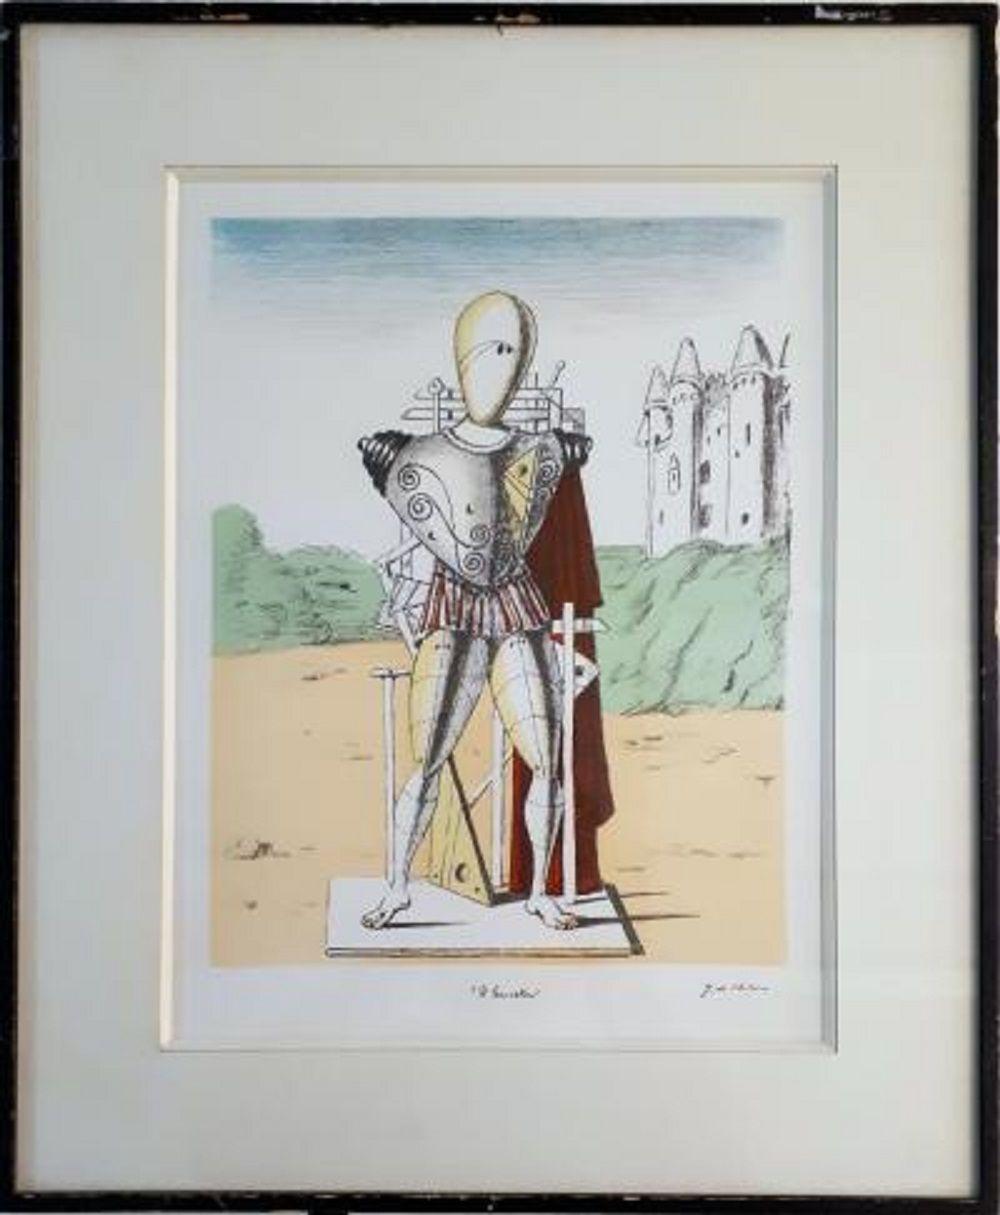 Giorgio De Chirico - Il Trovatore, 1969